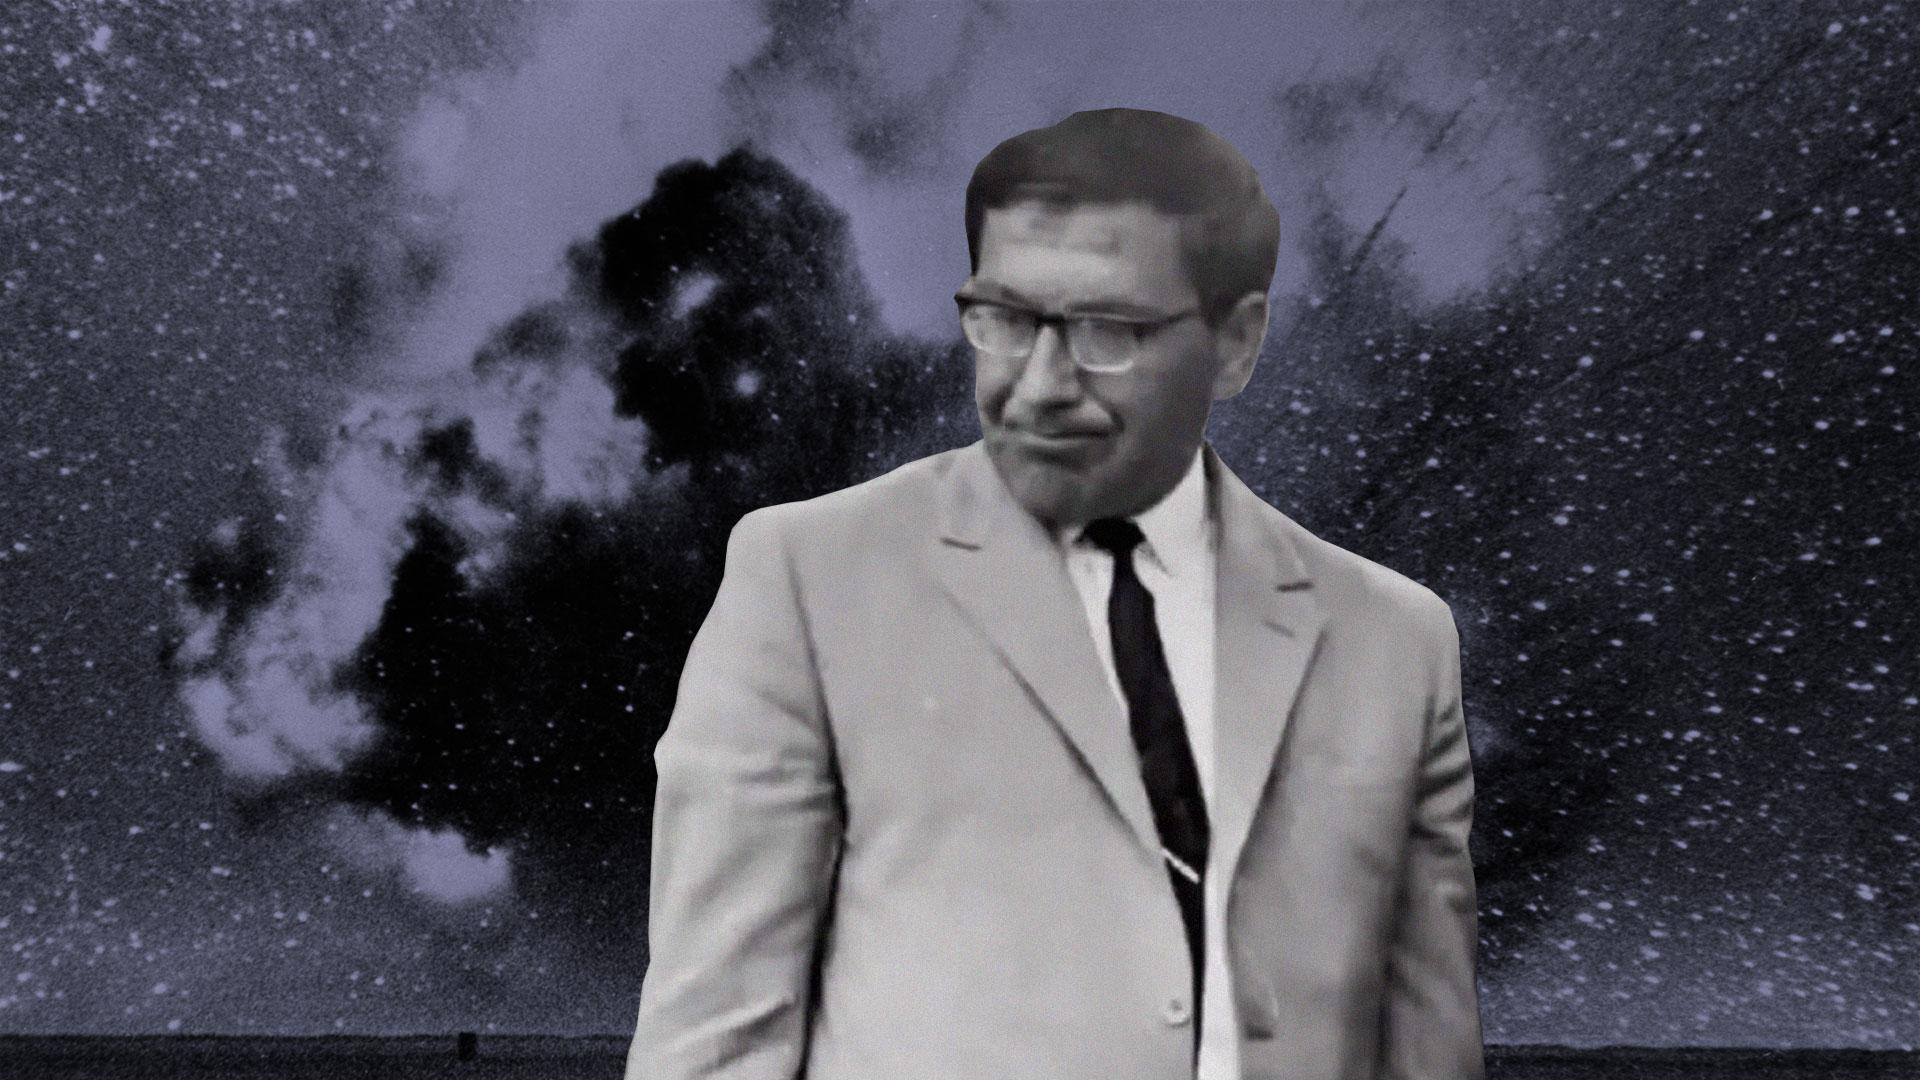 Кто взорвал отца 'звёздных войн' СССР и почему убийство космического конструктора до сих пор не раскрыто